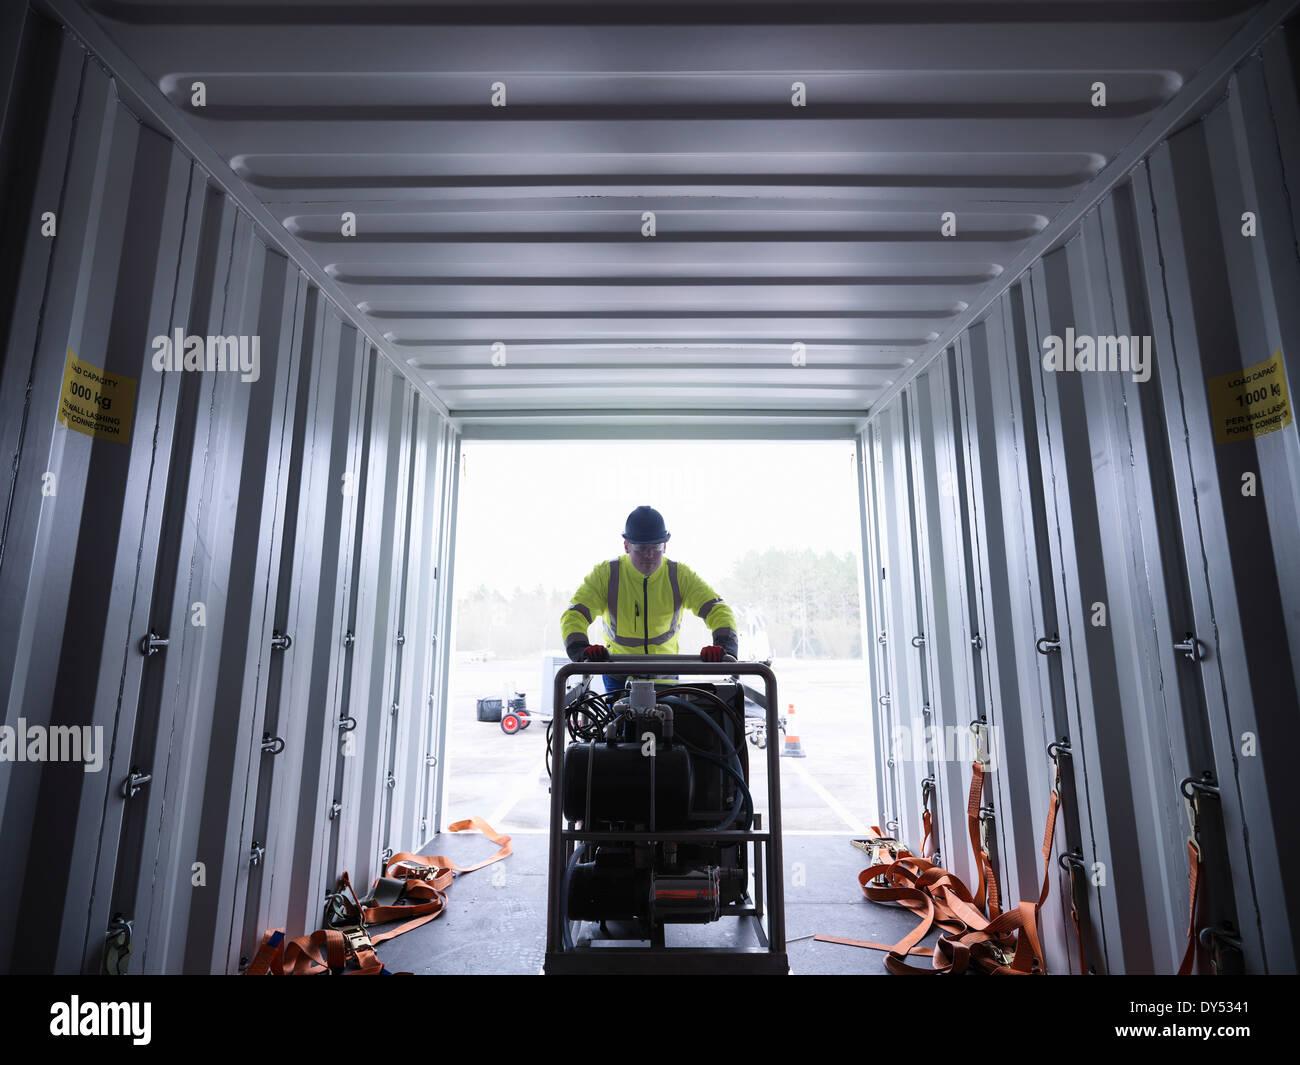 Equipo de respuesta de emergencia trabajador equipo de descarga del contenedor de transporte Foto de stock